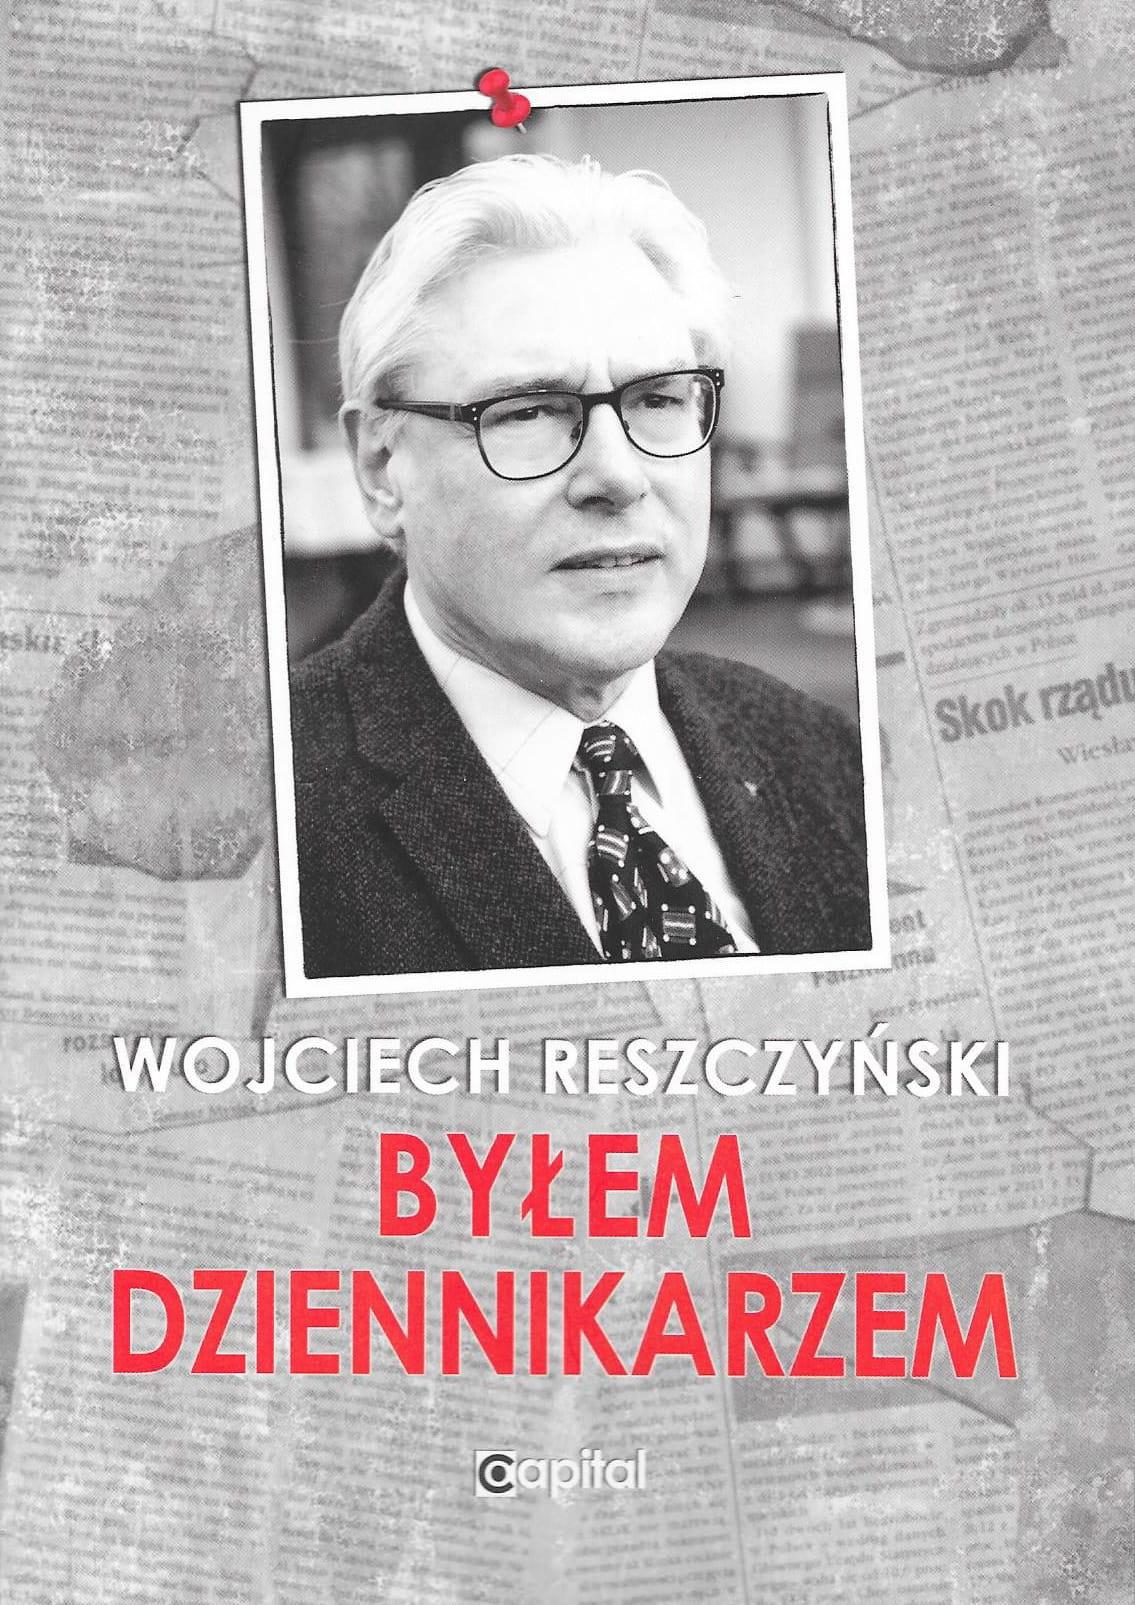 Image of Byłem dziennikarzem - Wojciech Reszczyński